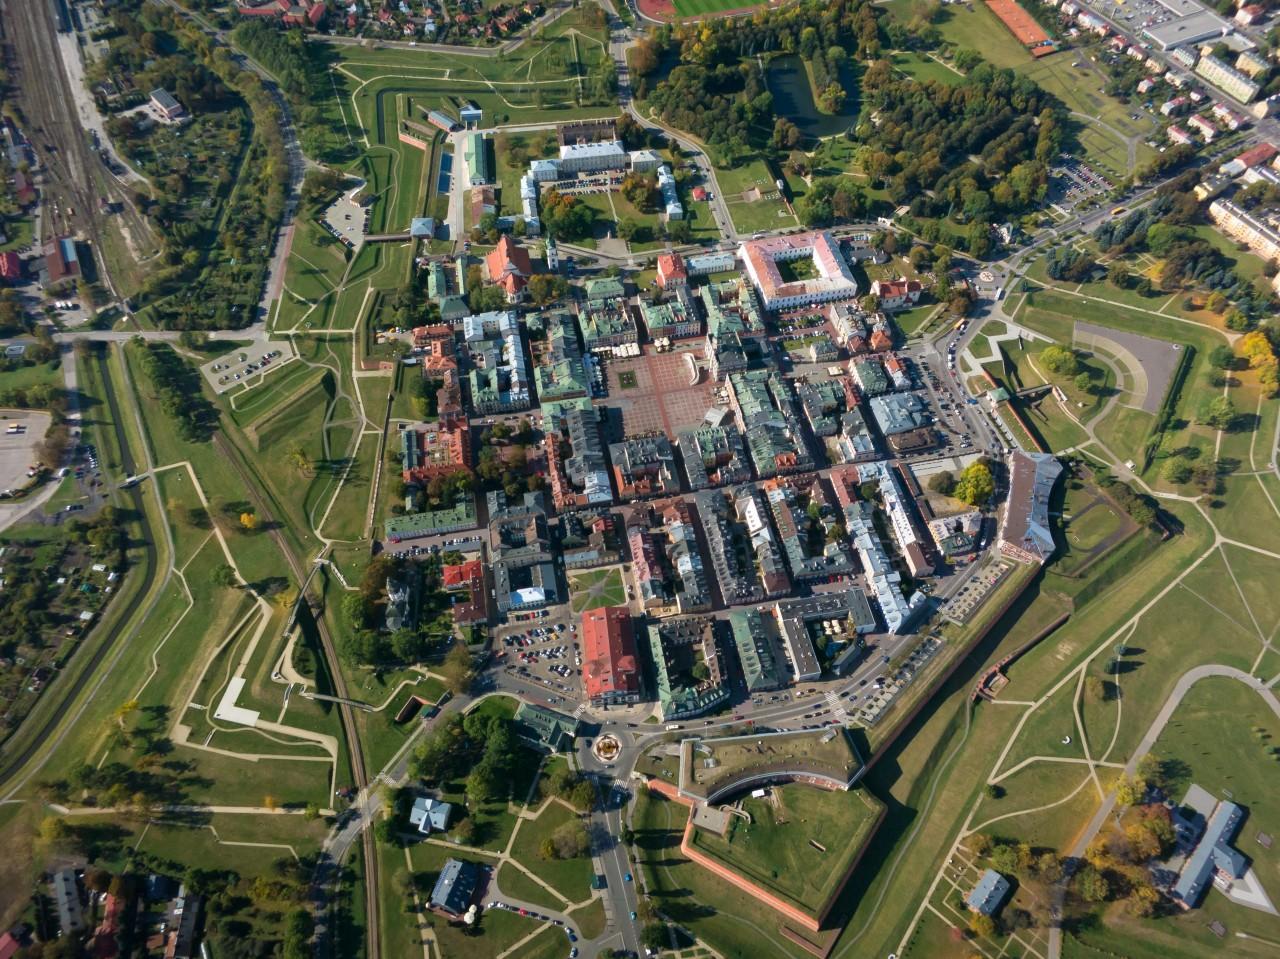 Zamosc là thị trấn cổ của Ba Lan, được UNESCO công nhận là Di sản Thế giới. Các công trình ở đây hầu hết đều giữ được bố cục ban đầu từ thế kỷ 16. Một phần lớn nét độc đáo của nó đến từ sự pha trộn những ảnh hưởng kiến trúc từ các vùng khác nhau của châu Âu, bởi Zamosc thu hút các thương gia từ đông sang tây. Một kiến trúc sư đến từ Padua, Italy đã kết hợp kiến trúc từ quê hương của mình vào bản thiết kế thị trấn. Ảnh: Piotr Ostrowski/zabytek